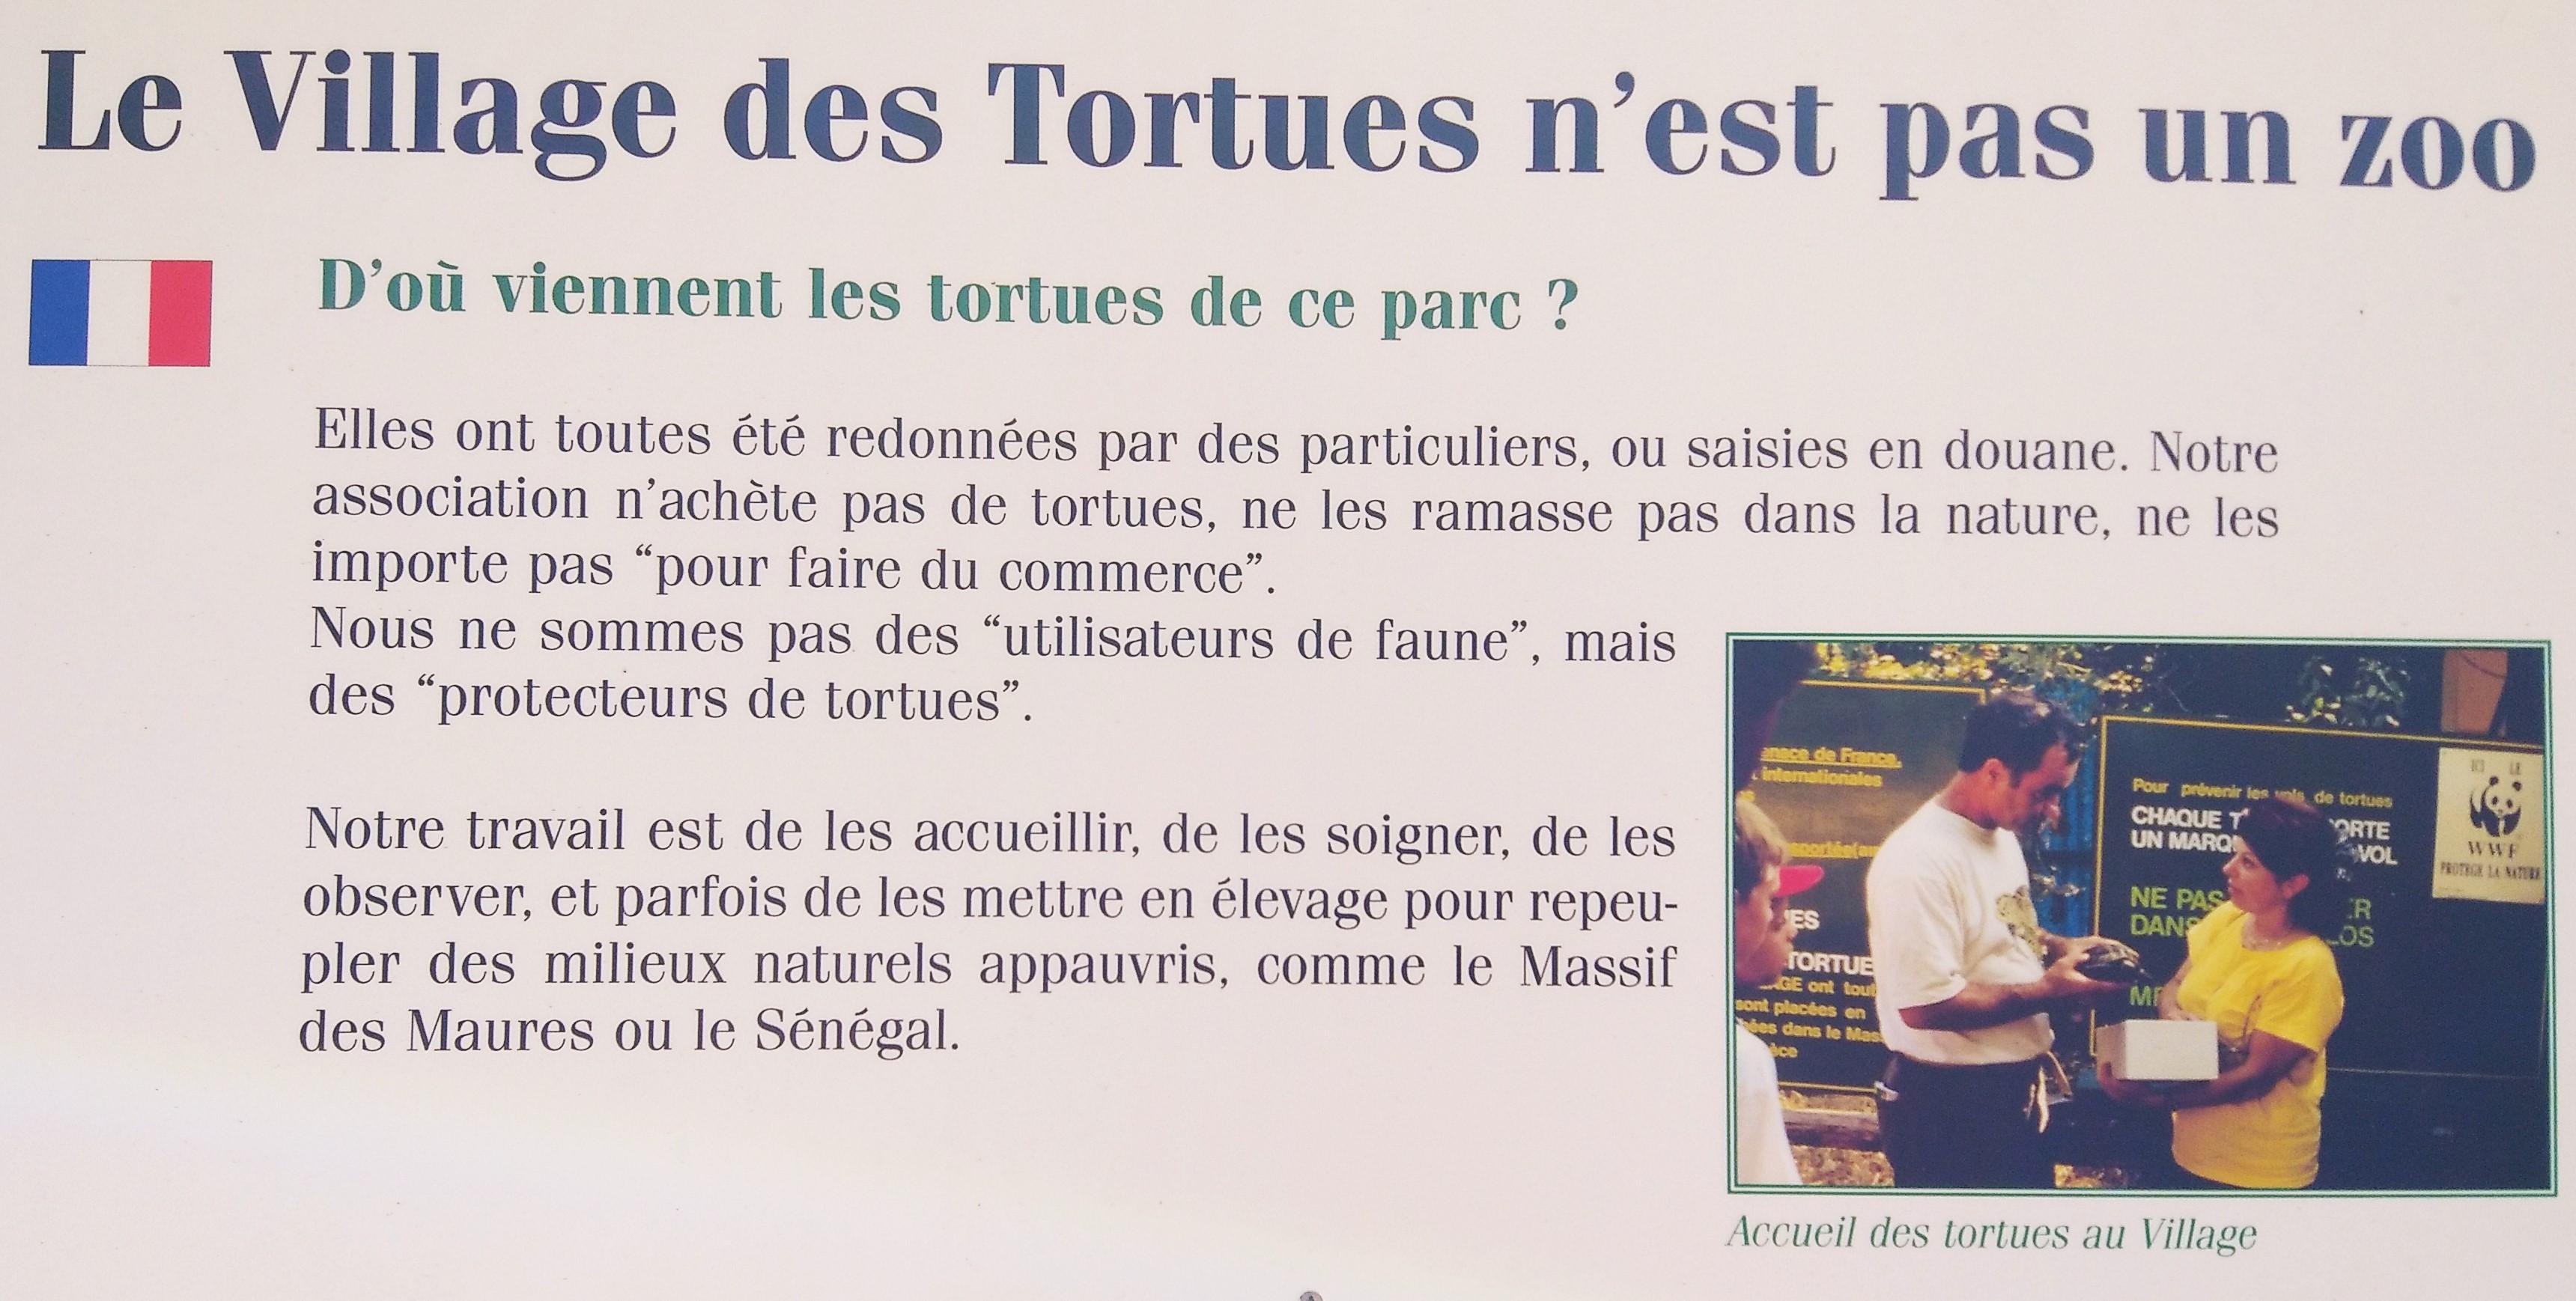 Le village des tortues n'est pas un zoo